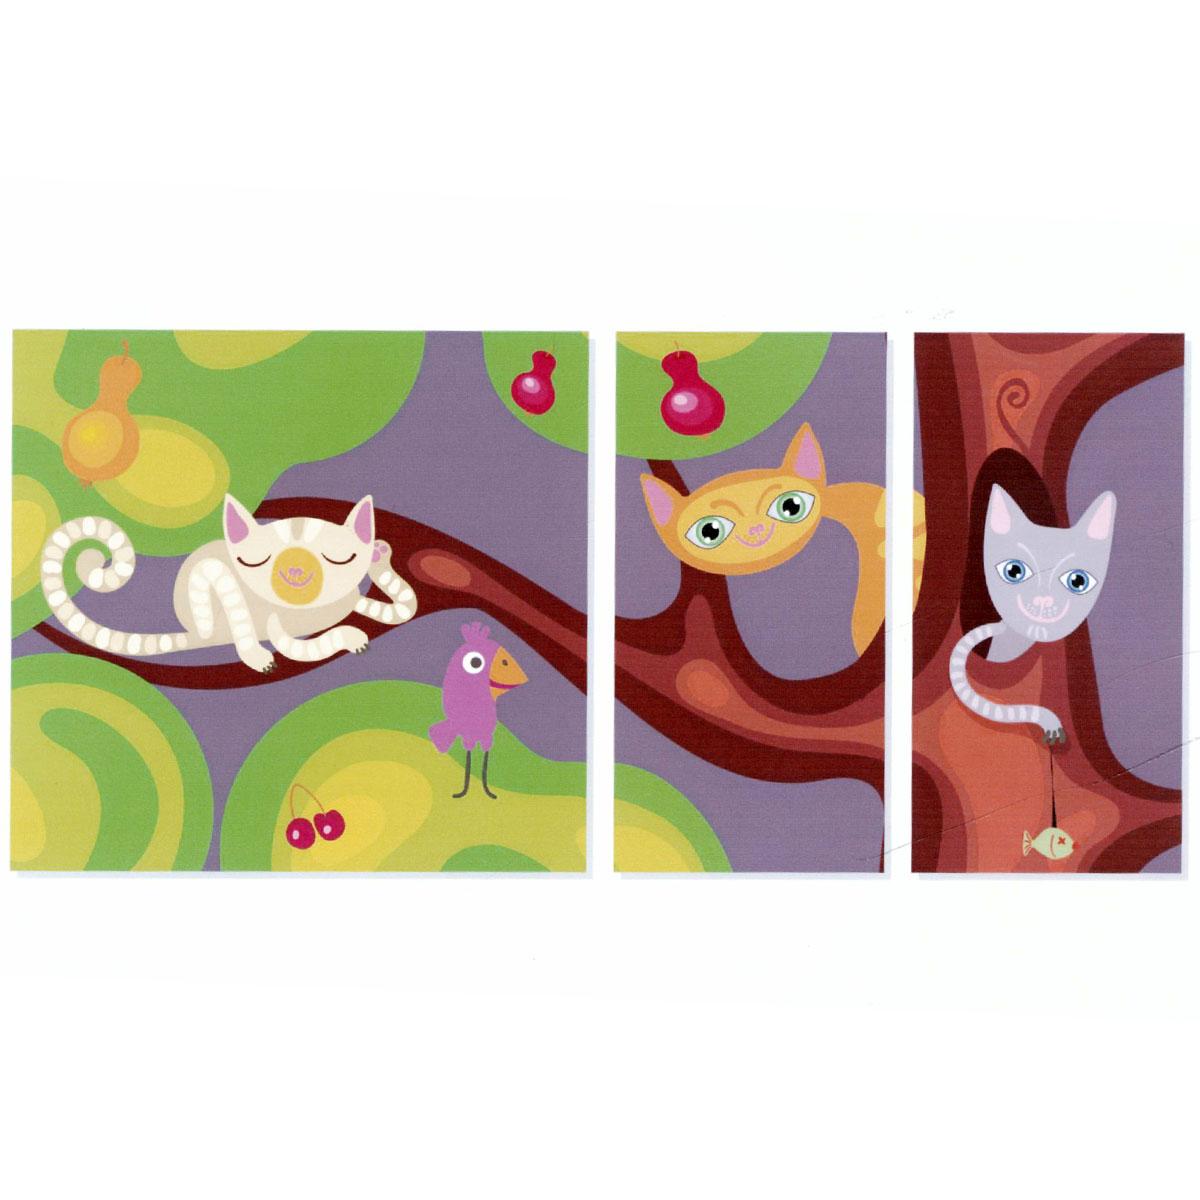 Модульная картина на холсте КвикДекор Цветные кошки, 171 см х 80 смPSM-14-0395-1Модульная картина на холсте КвикДекор Цветные кошки - это прекрасное решение для декора помещения. Картина состоит из трех частей (модулей) разного размера, объединенных общей тематикой. Изображение переходит из одного модуля в другой. Модули размещаются на расстоянии 2-3 см друг от друга.Латексная печать (без запаха) на натуральном х/б холсте, галерейная натяжка на деревянные подрамники из высококачественной сосны. Такая картина будет потрясающе смотреться в детской комнате. Она сделает обстановку комфортной и уютной, а яркие краски и интересное оформление обязательно понравятся вашему малышу. Картина в стрейч-пленке с защитными картонными уголками упакована в гофрокоробку с термоусадкой. Размер модулей: 85 см х 80 см (1 шт); 40 см х 80 см (2 шт). Количество модулей: 3 шт. Общий размер картины: 171 см х 80 см. Художник: Анна Морозова.